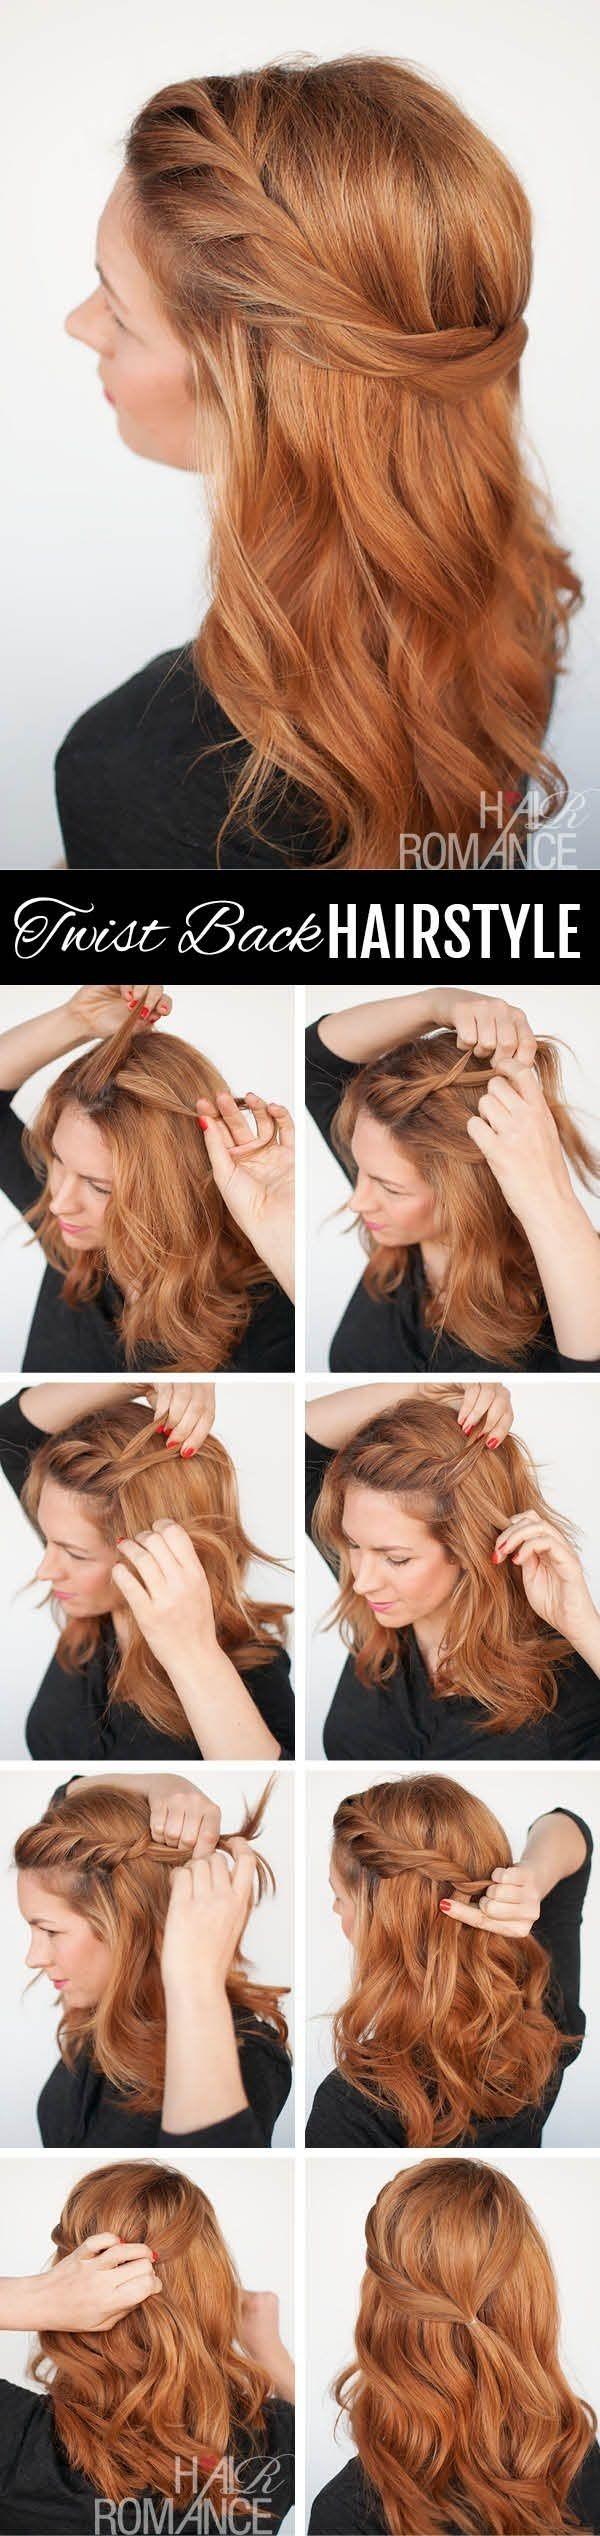 Укладка на каждый день для длинных волос